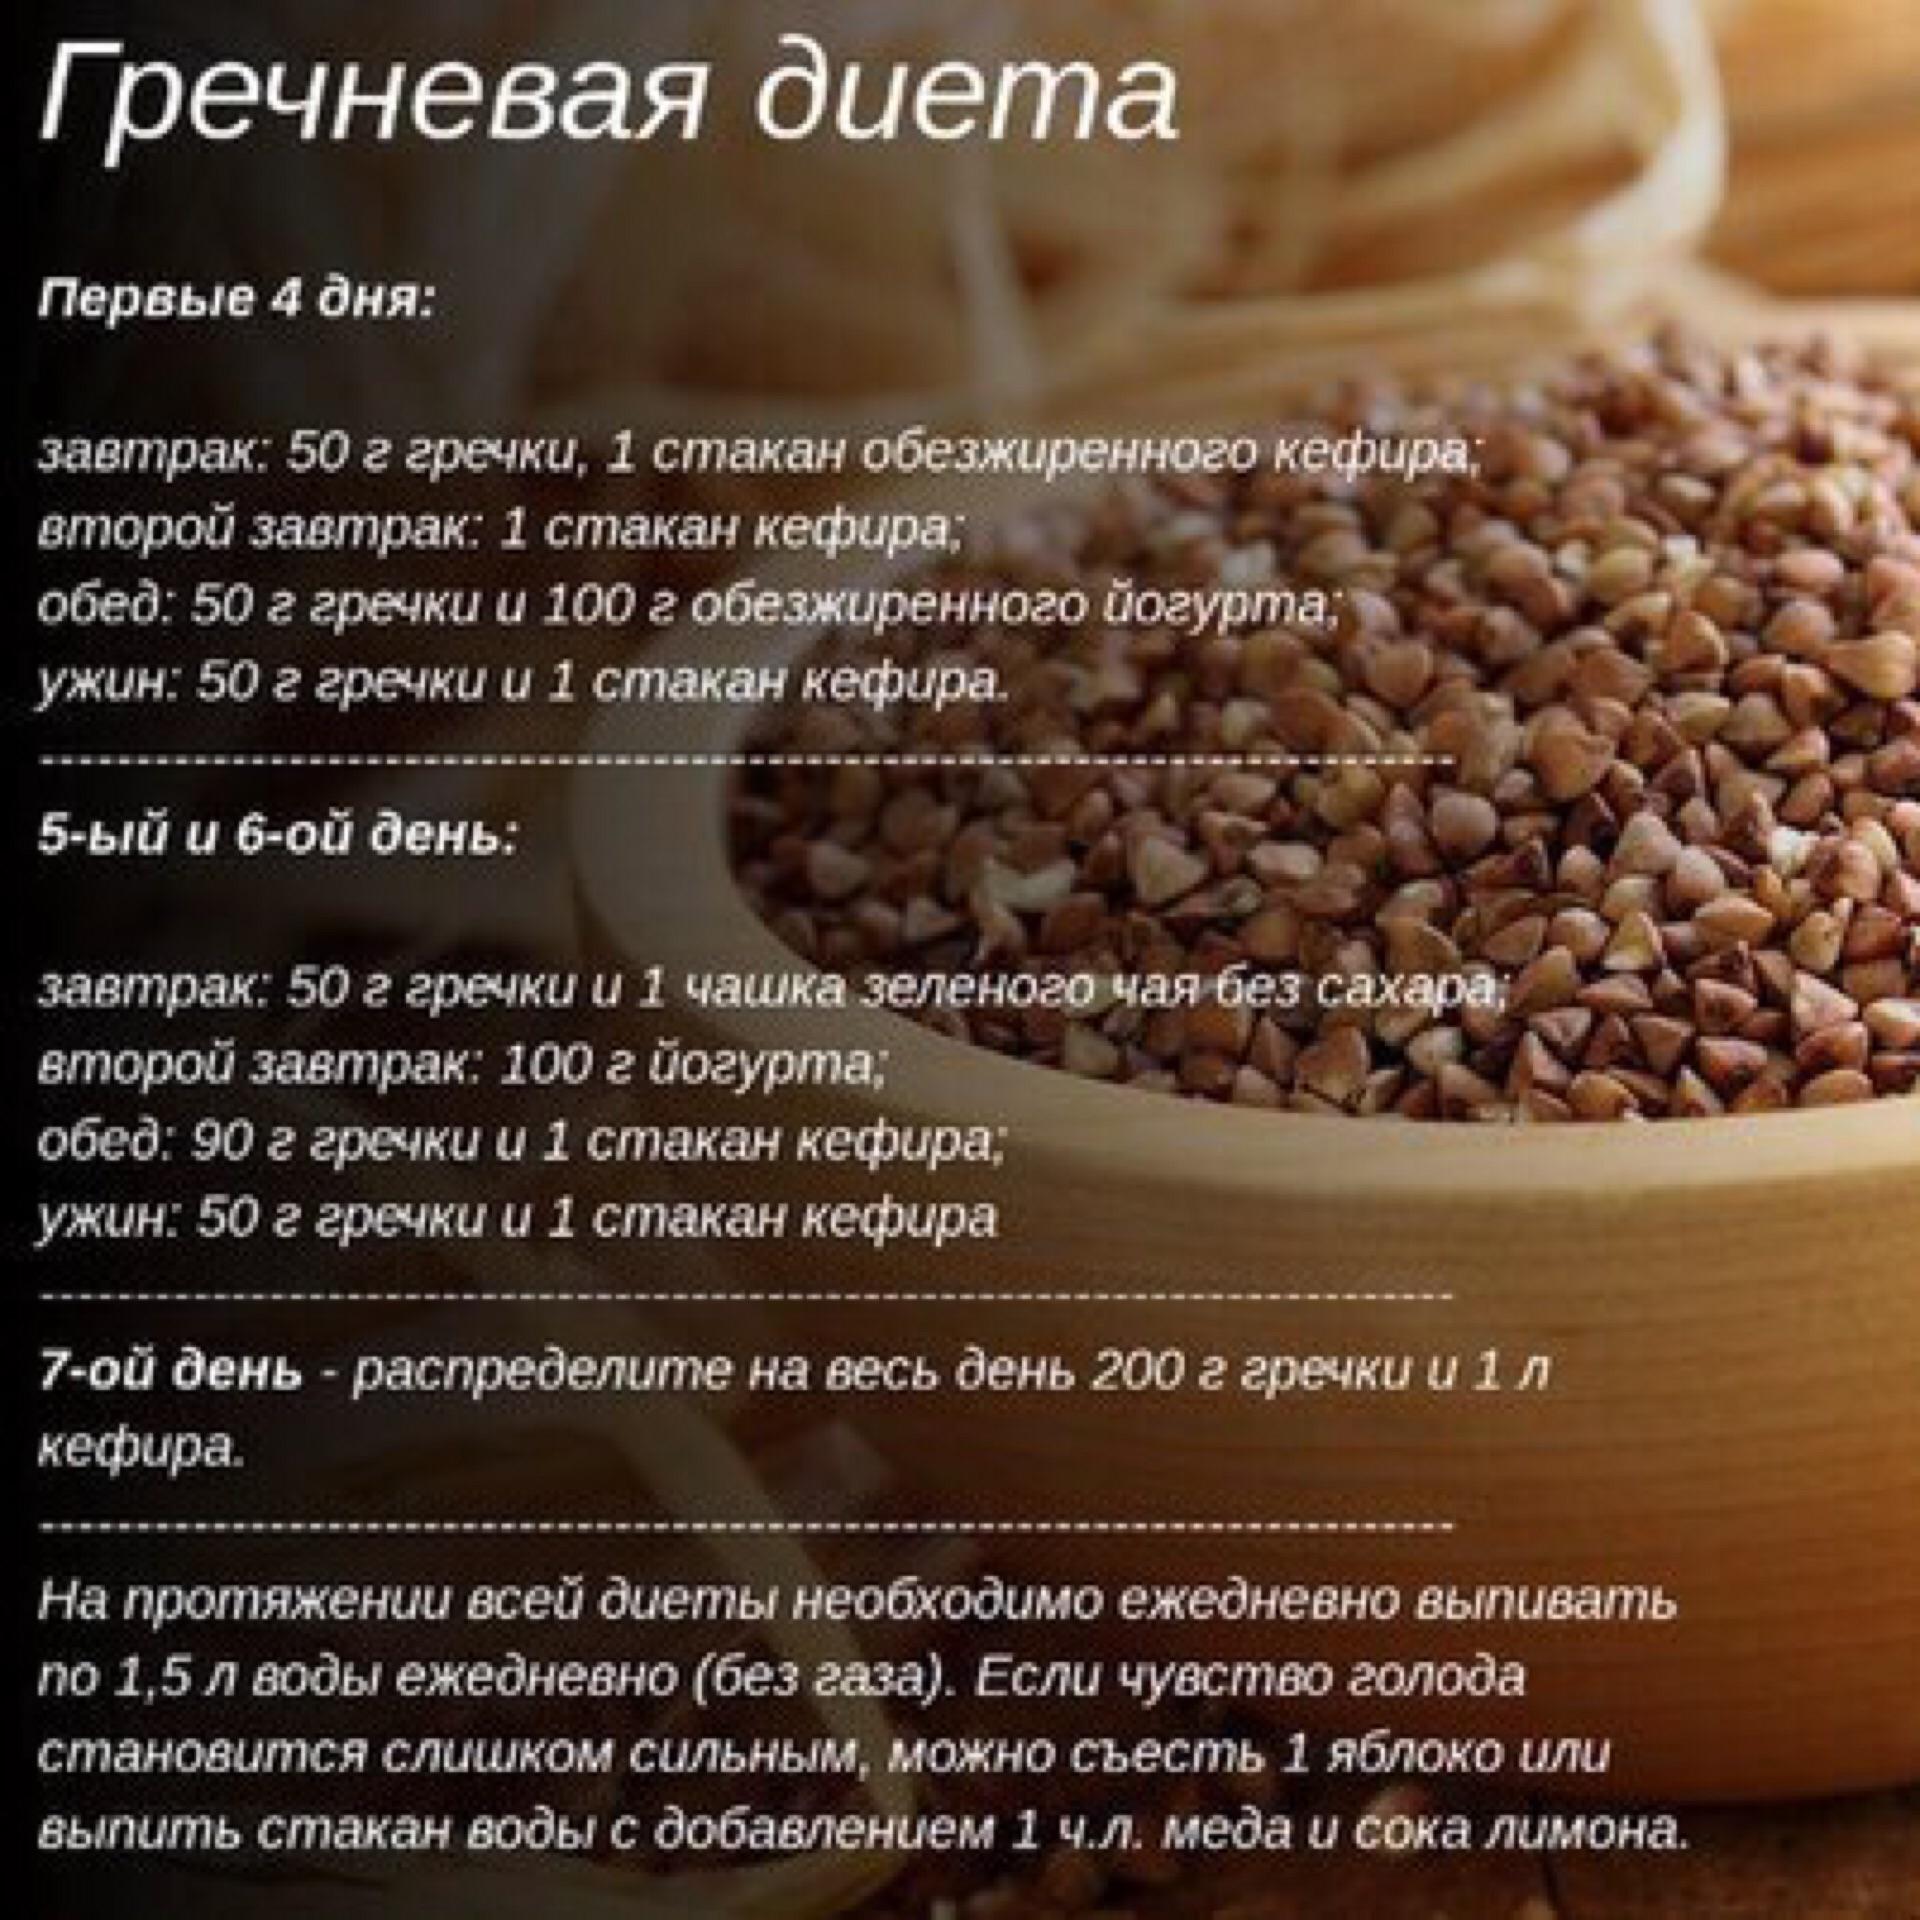 Гречневая диета рецепт меню на неделю